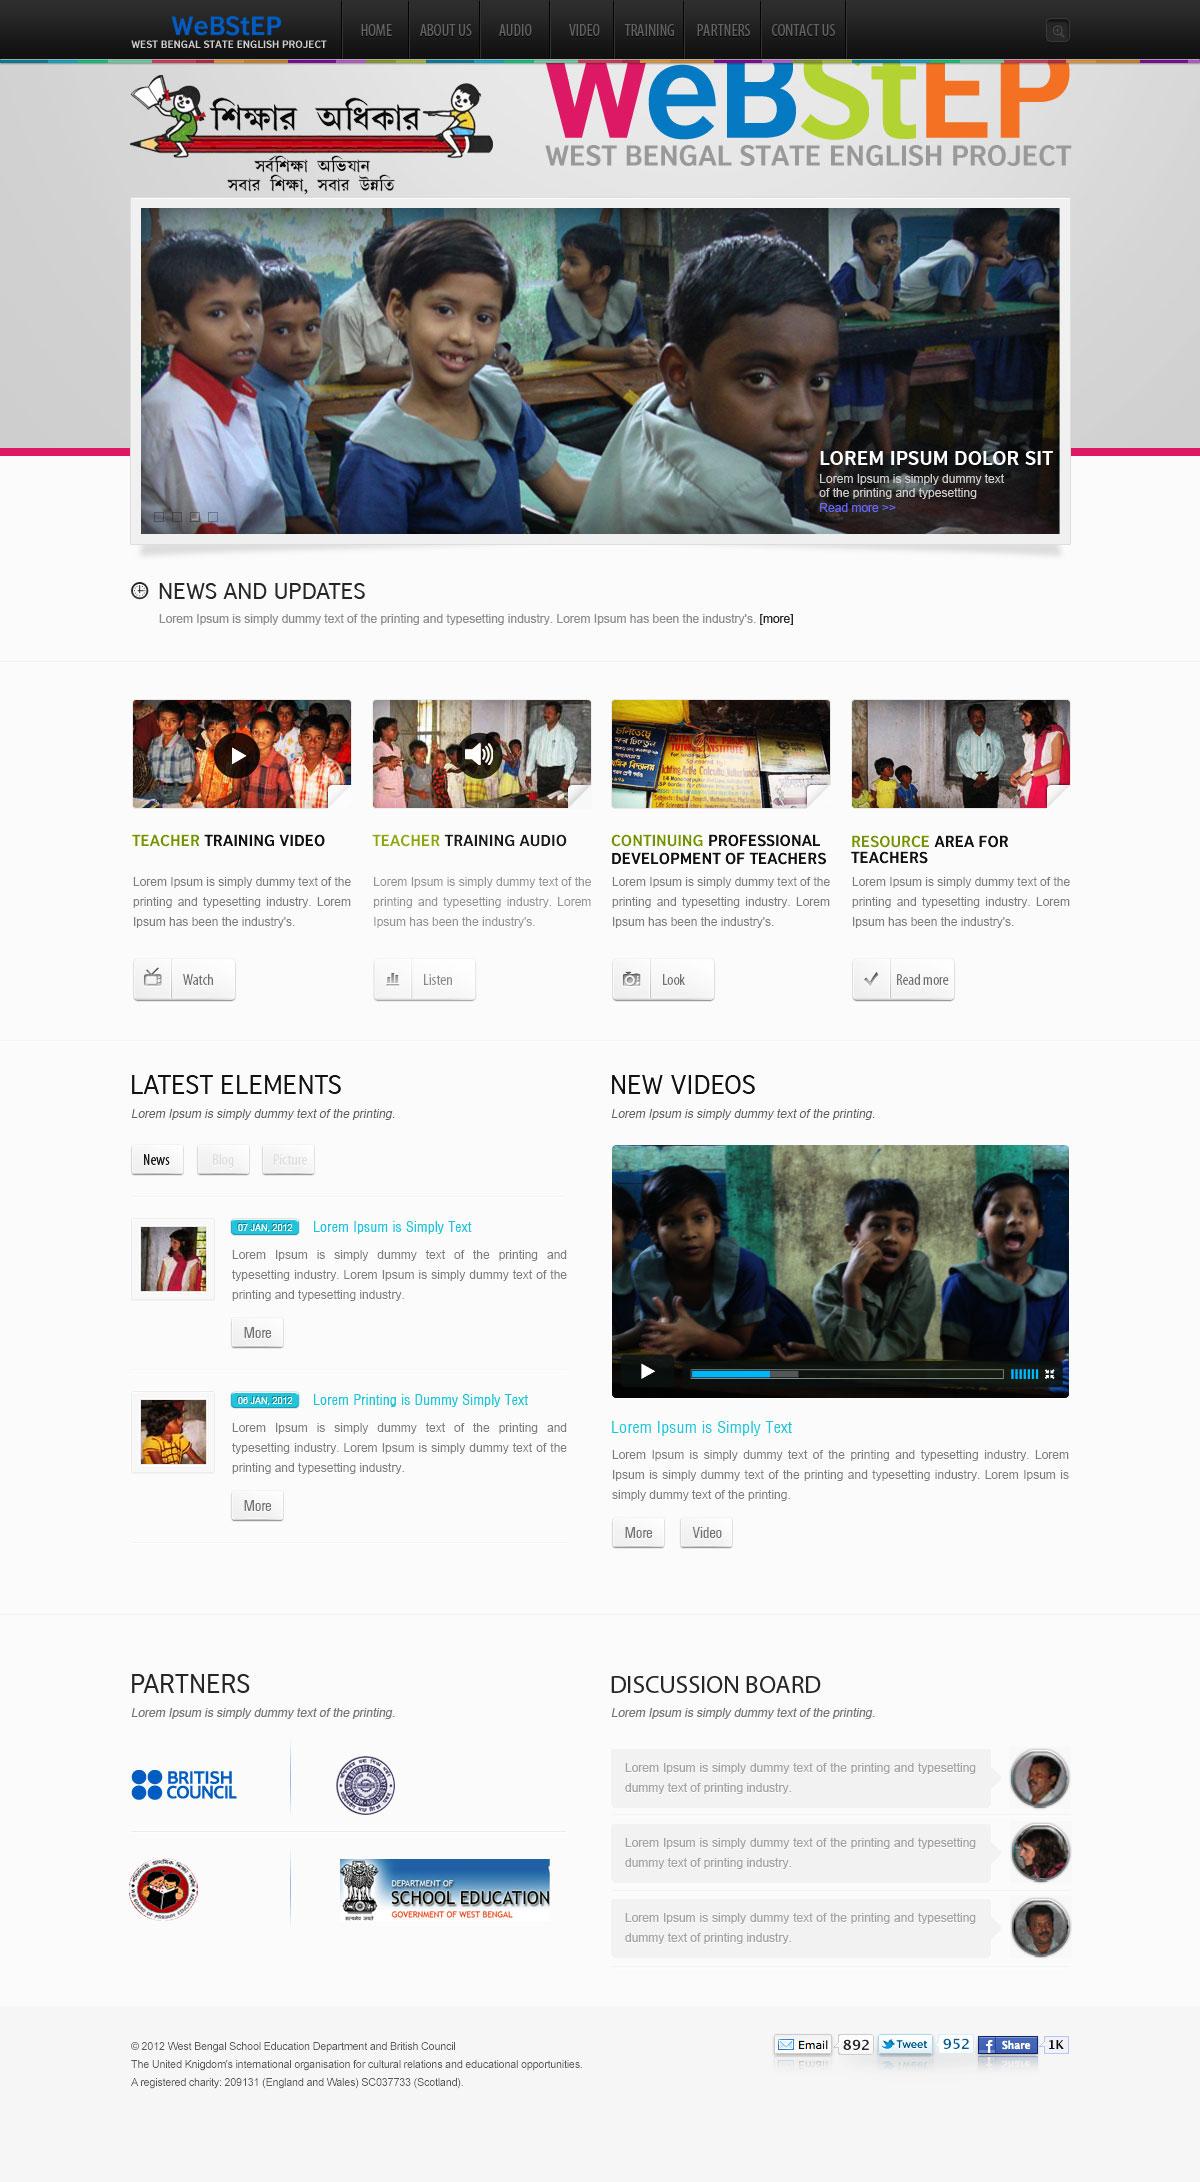 webstep1.jpg